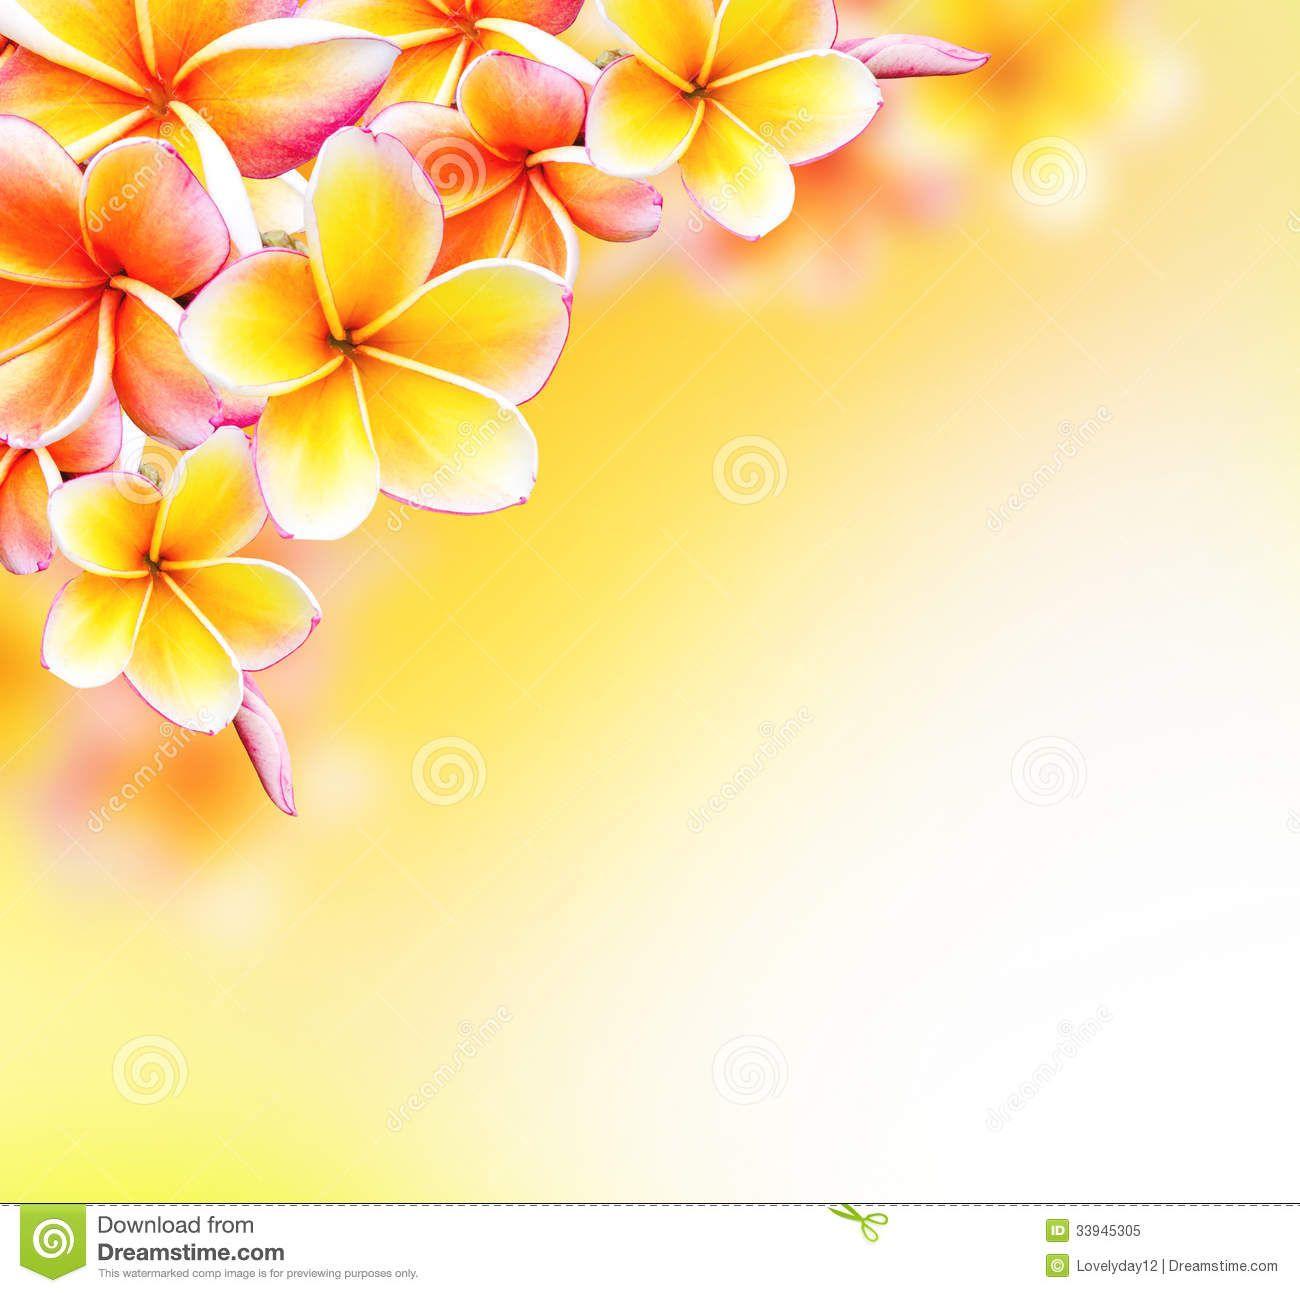 Flower Border Stock Photos – 83,655 Flower Border Stock Images ...